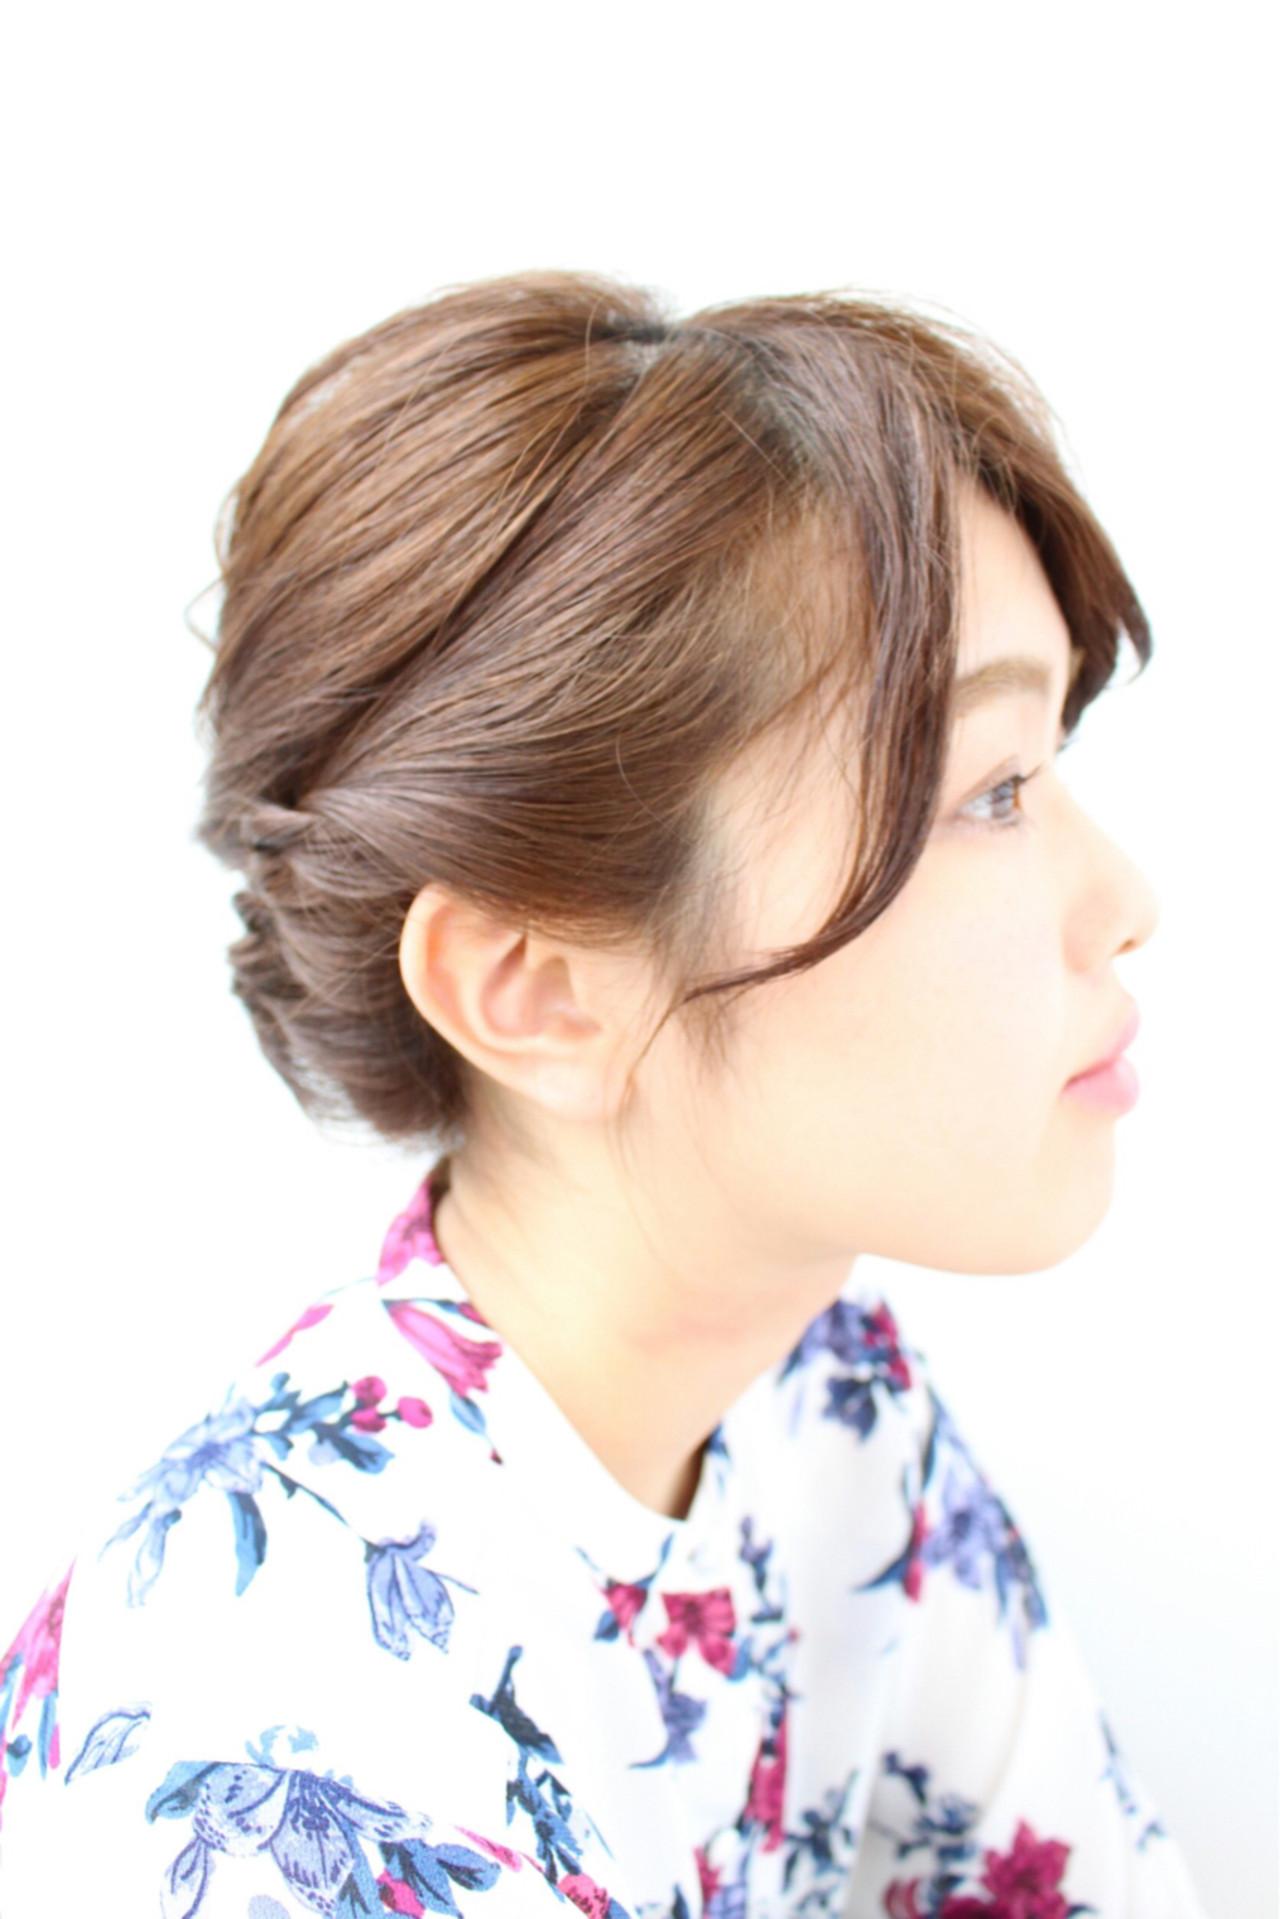 ボブ 結婚式 ヘアアレンジ ナチュラル ヘアスタイルや髪型の写真・画像 | 三上 奈巳 / Spin hair 烏丸店